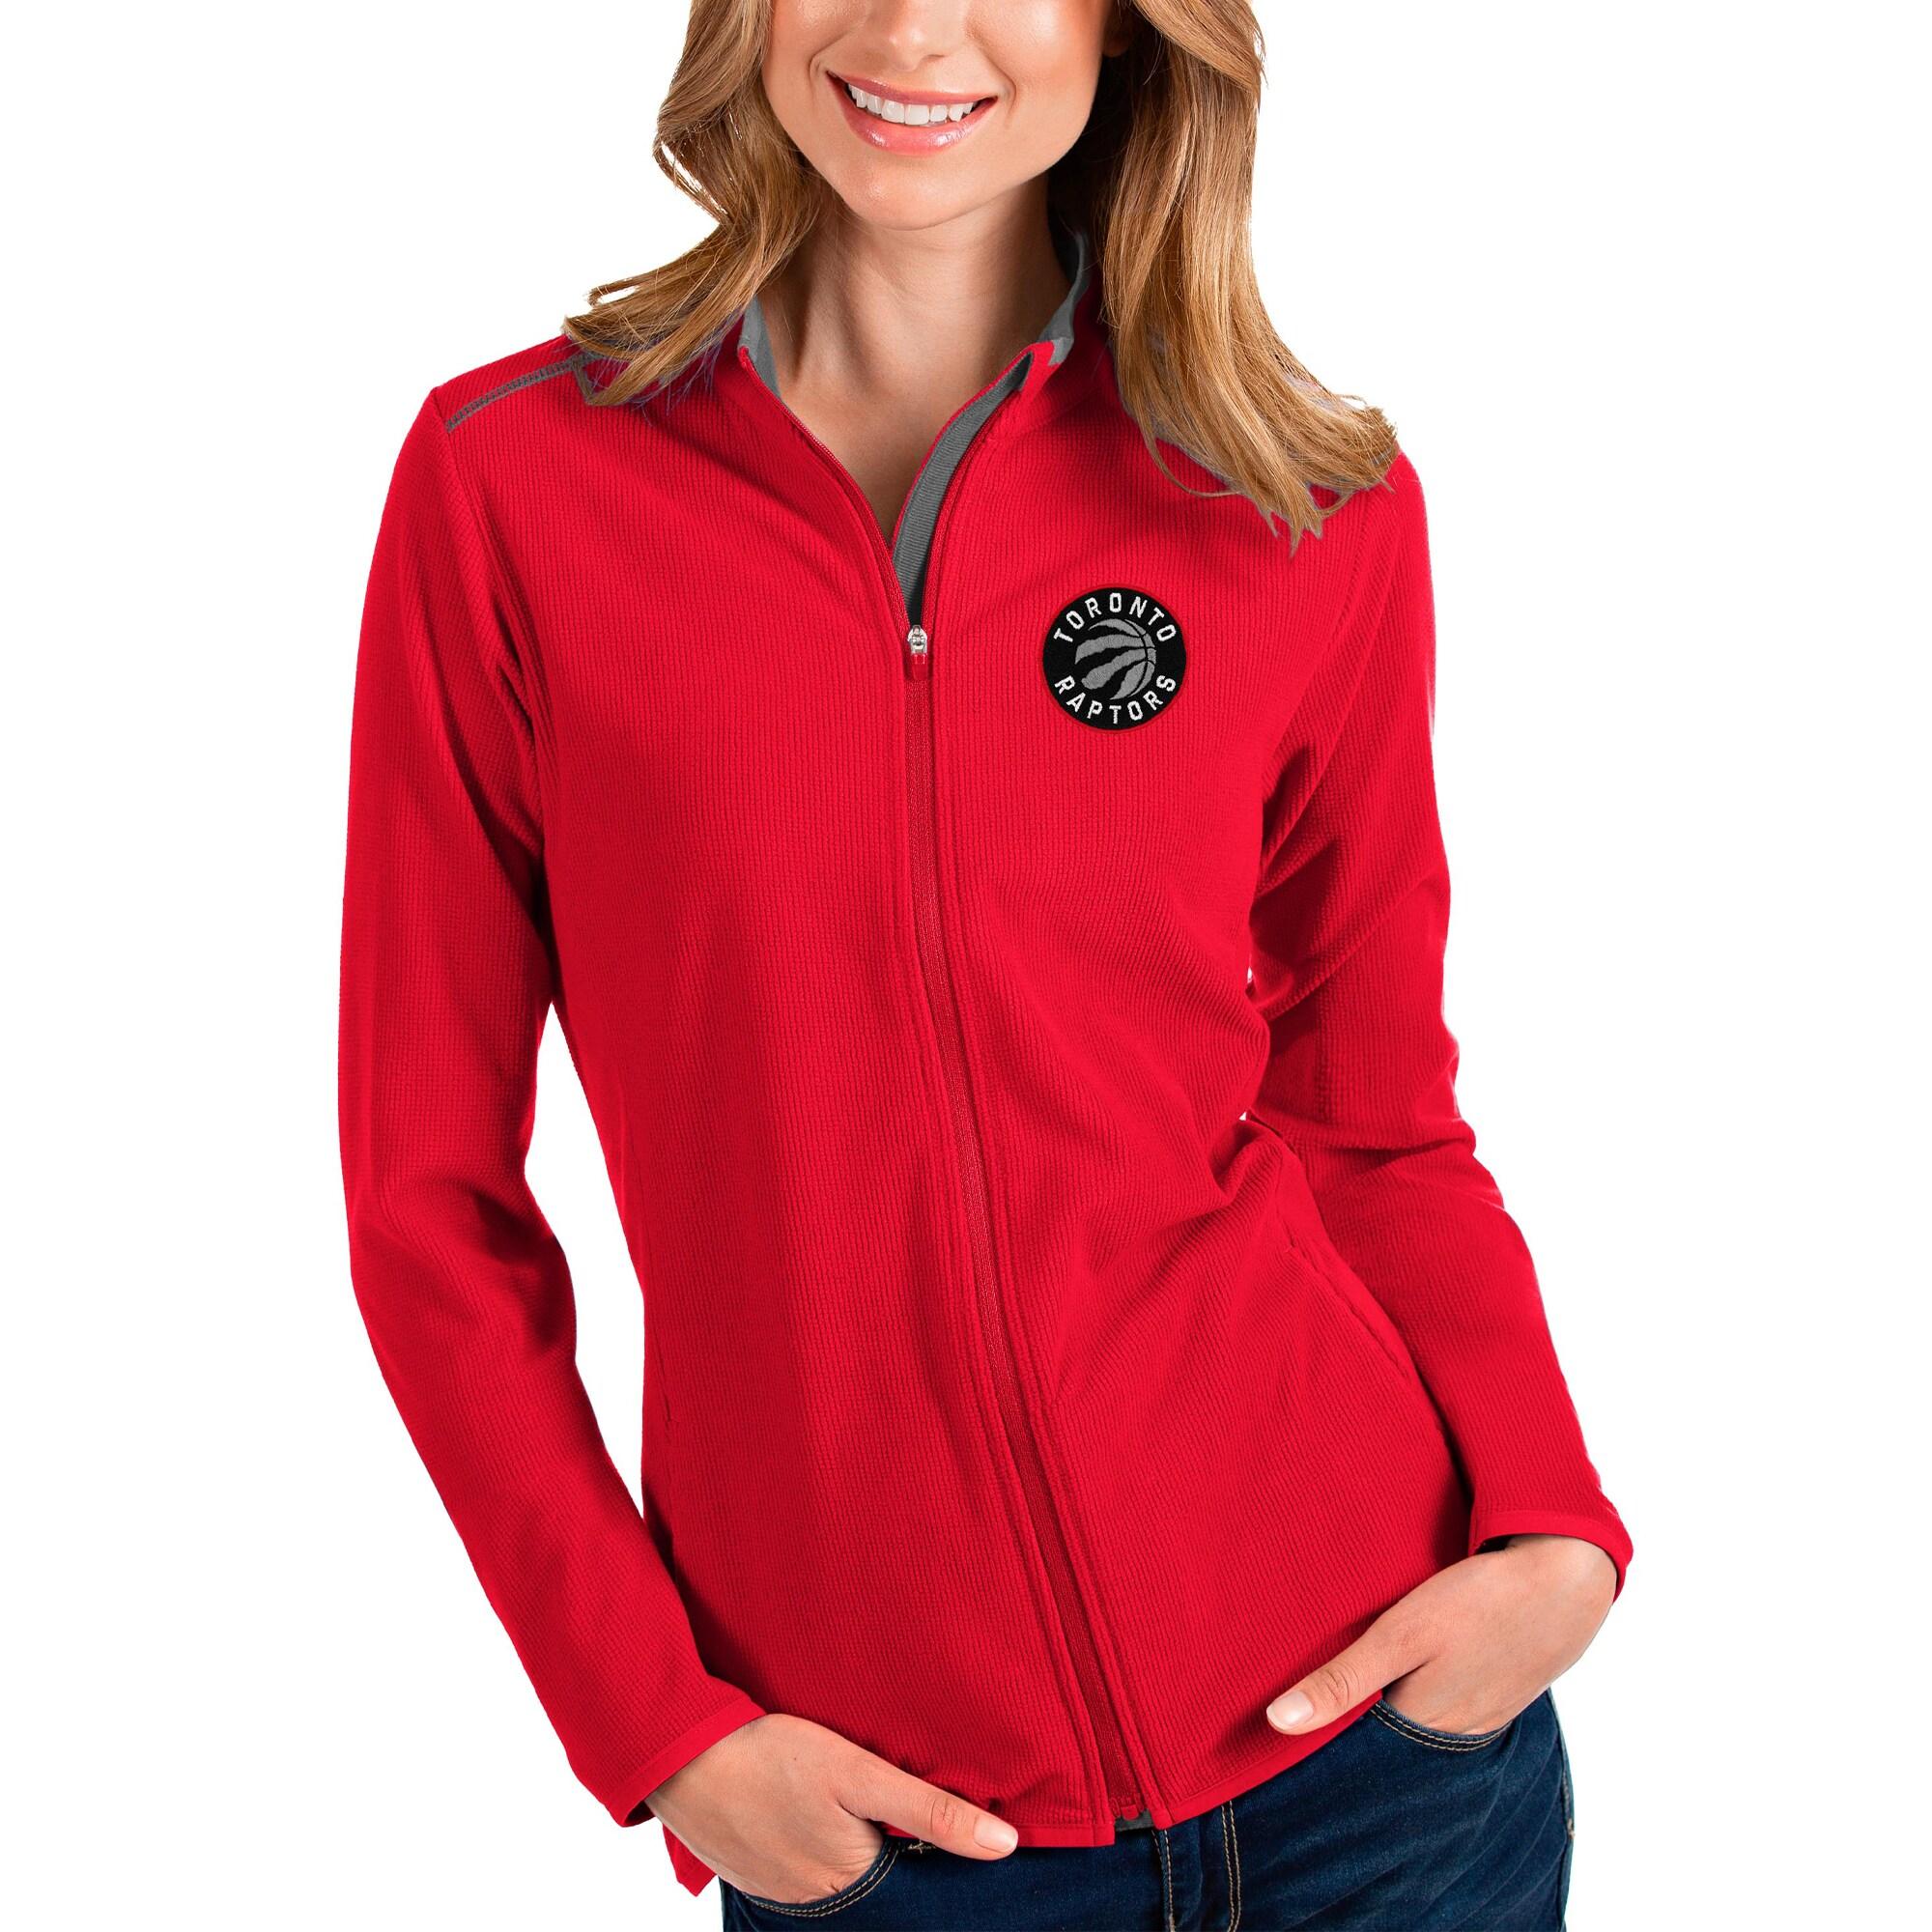 Toronto Raptors Antigua Women's Glacier Full-Zip Jacket - Red/Gray